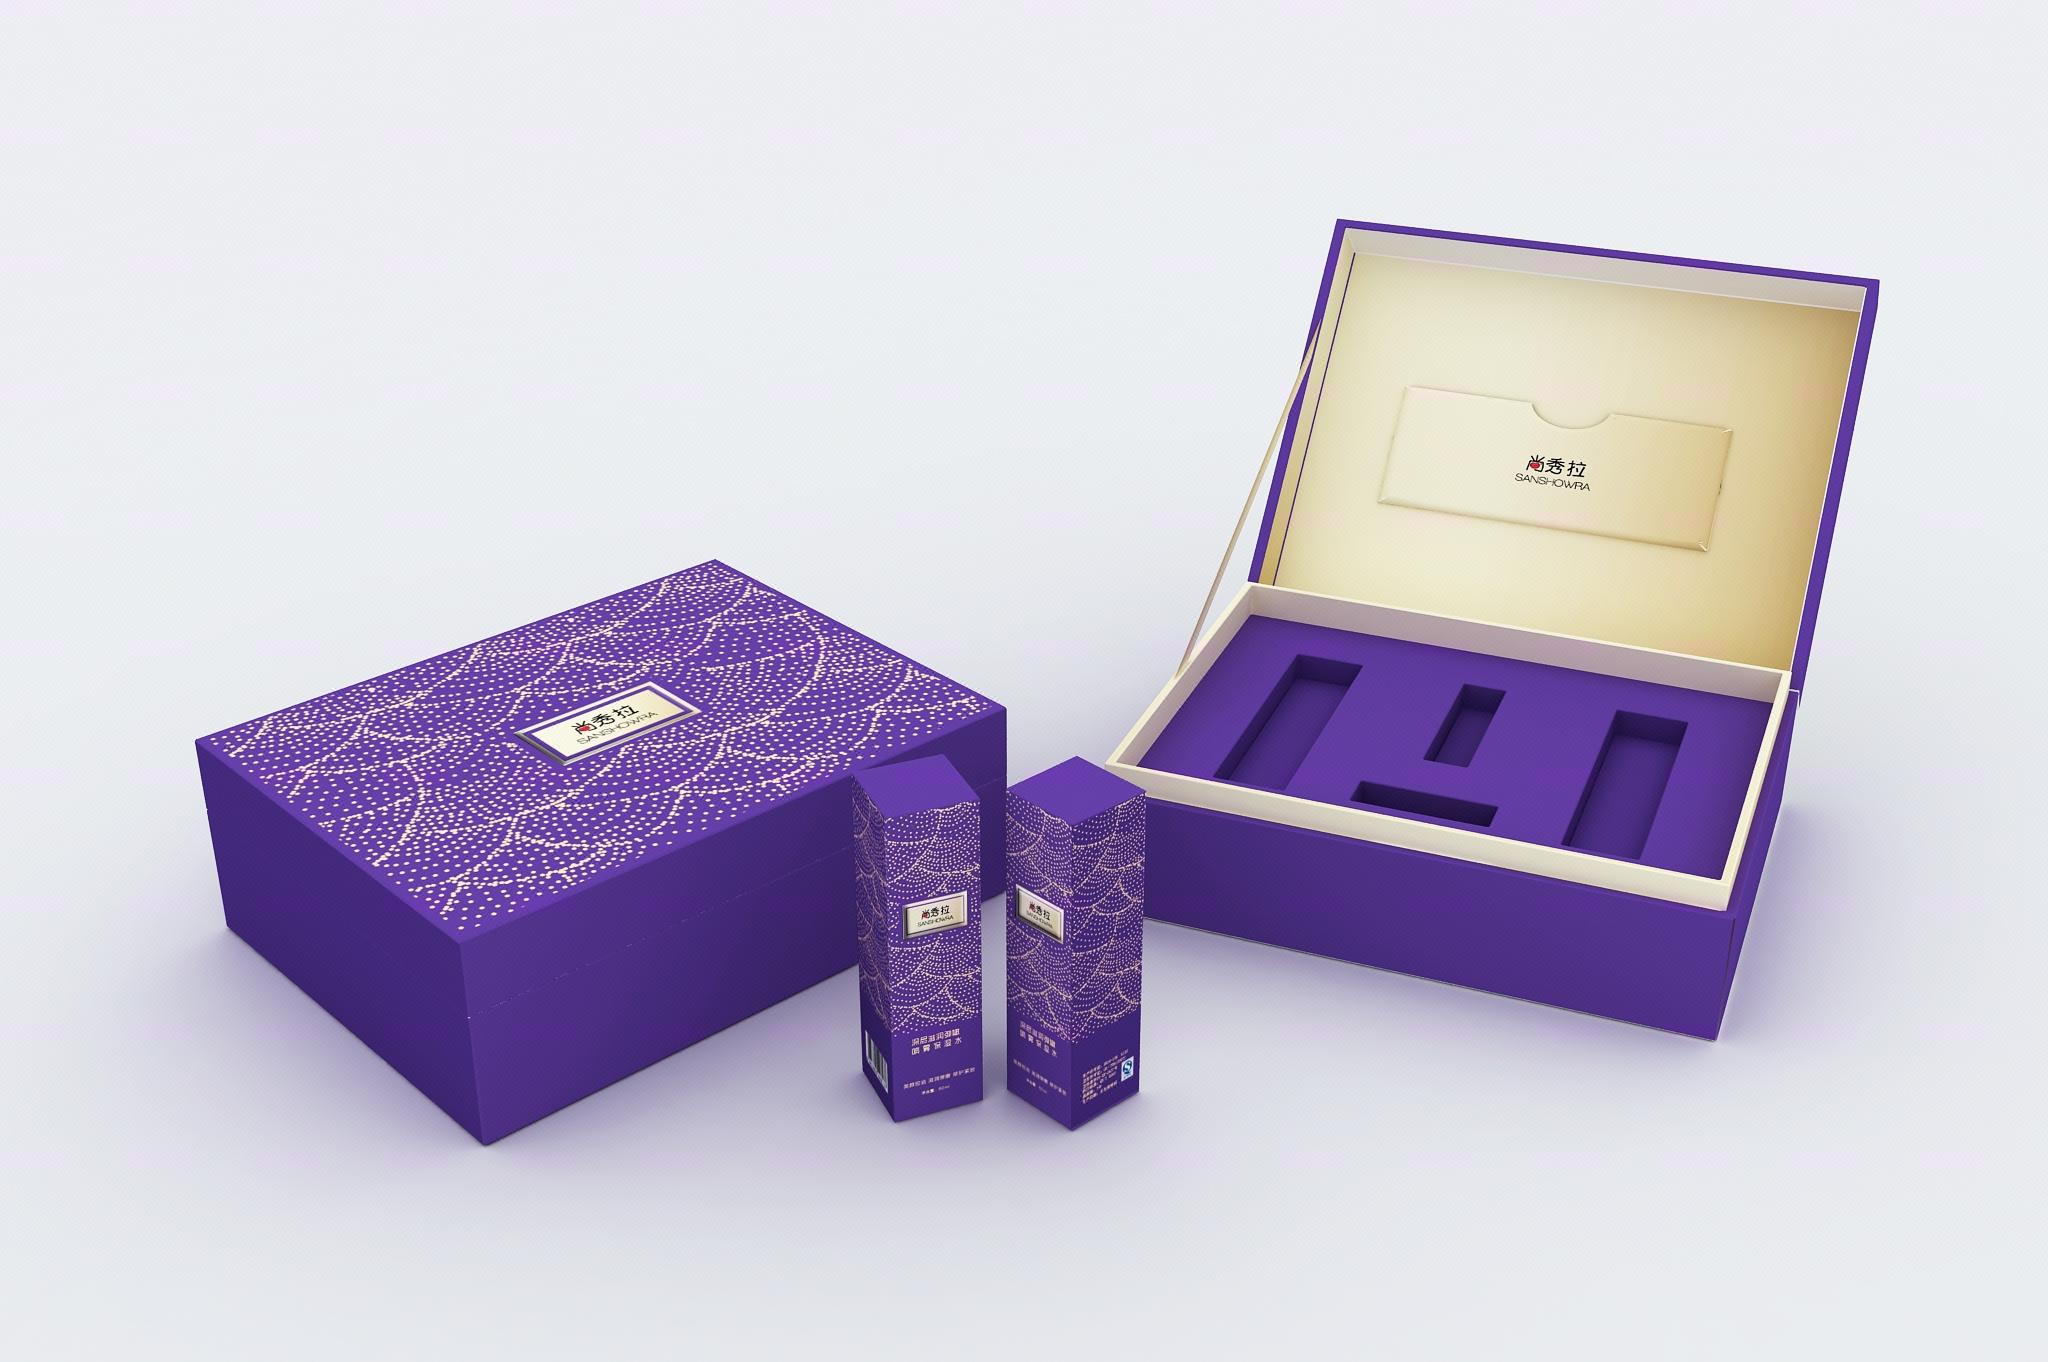 化妆品包装设计 创意包装 化妆品盒设计 日用化妆品瓶设计